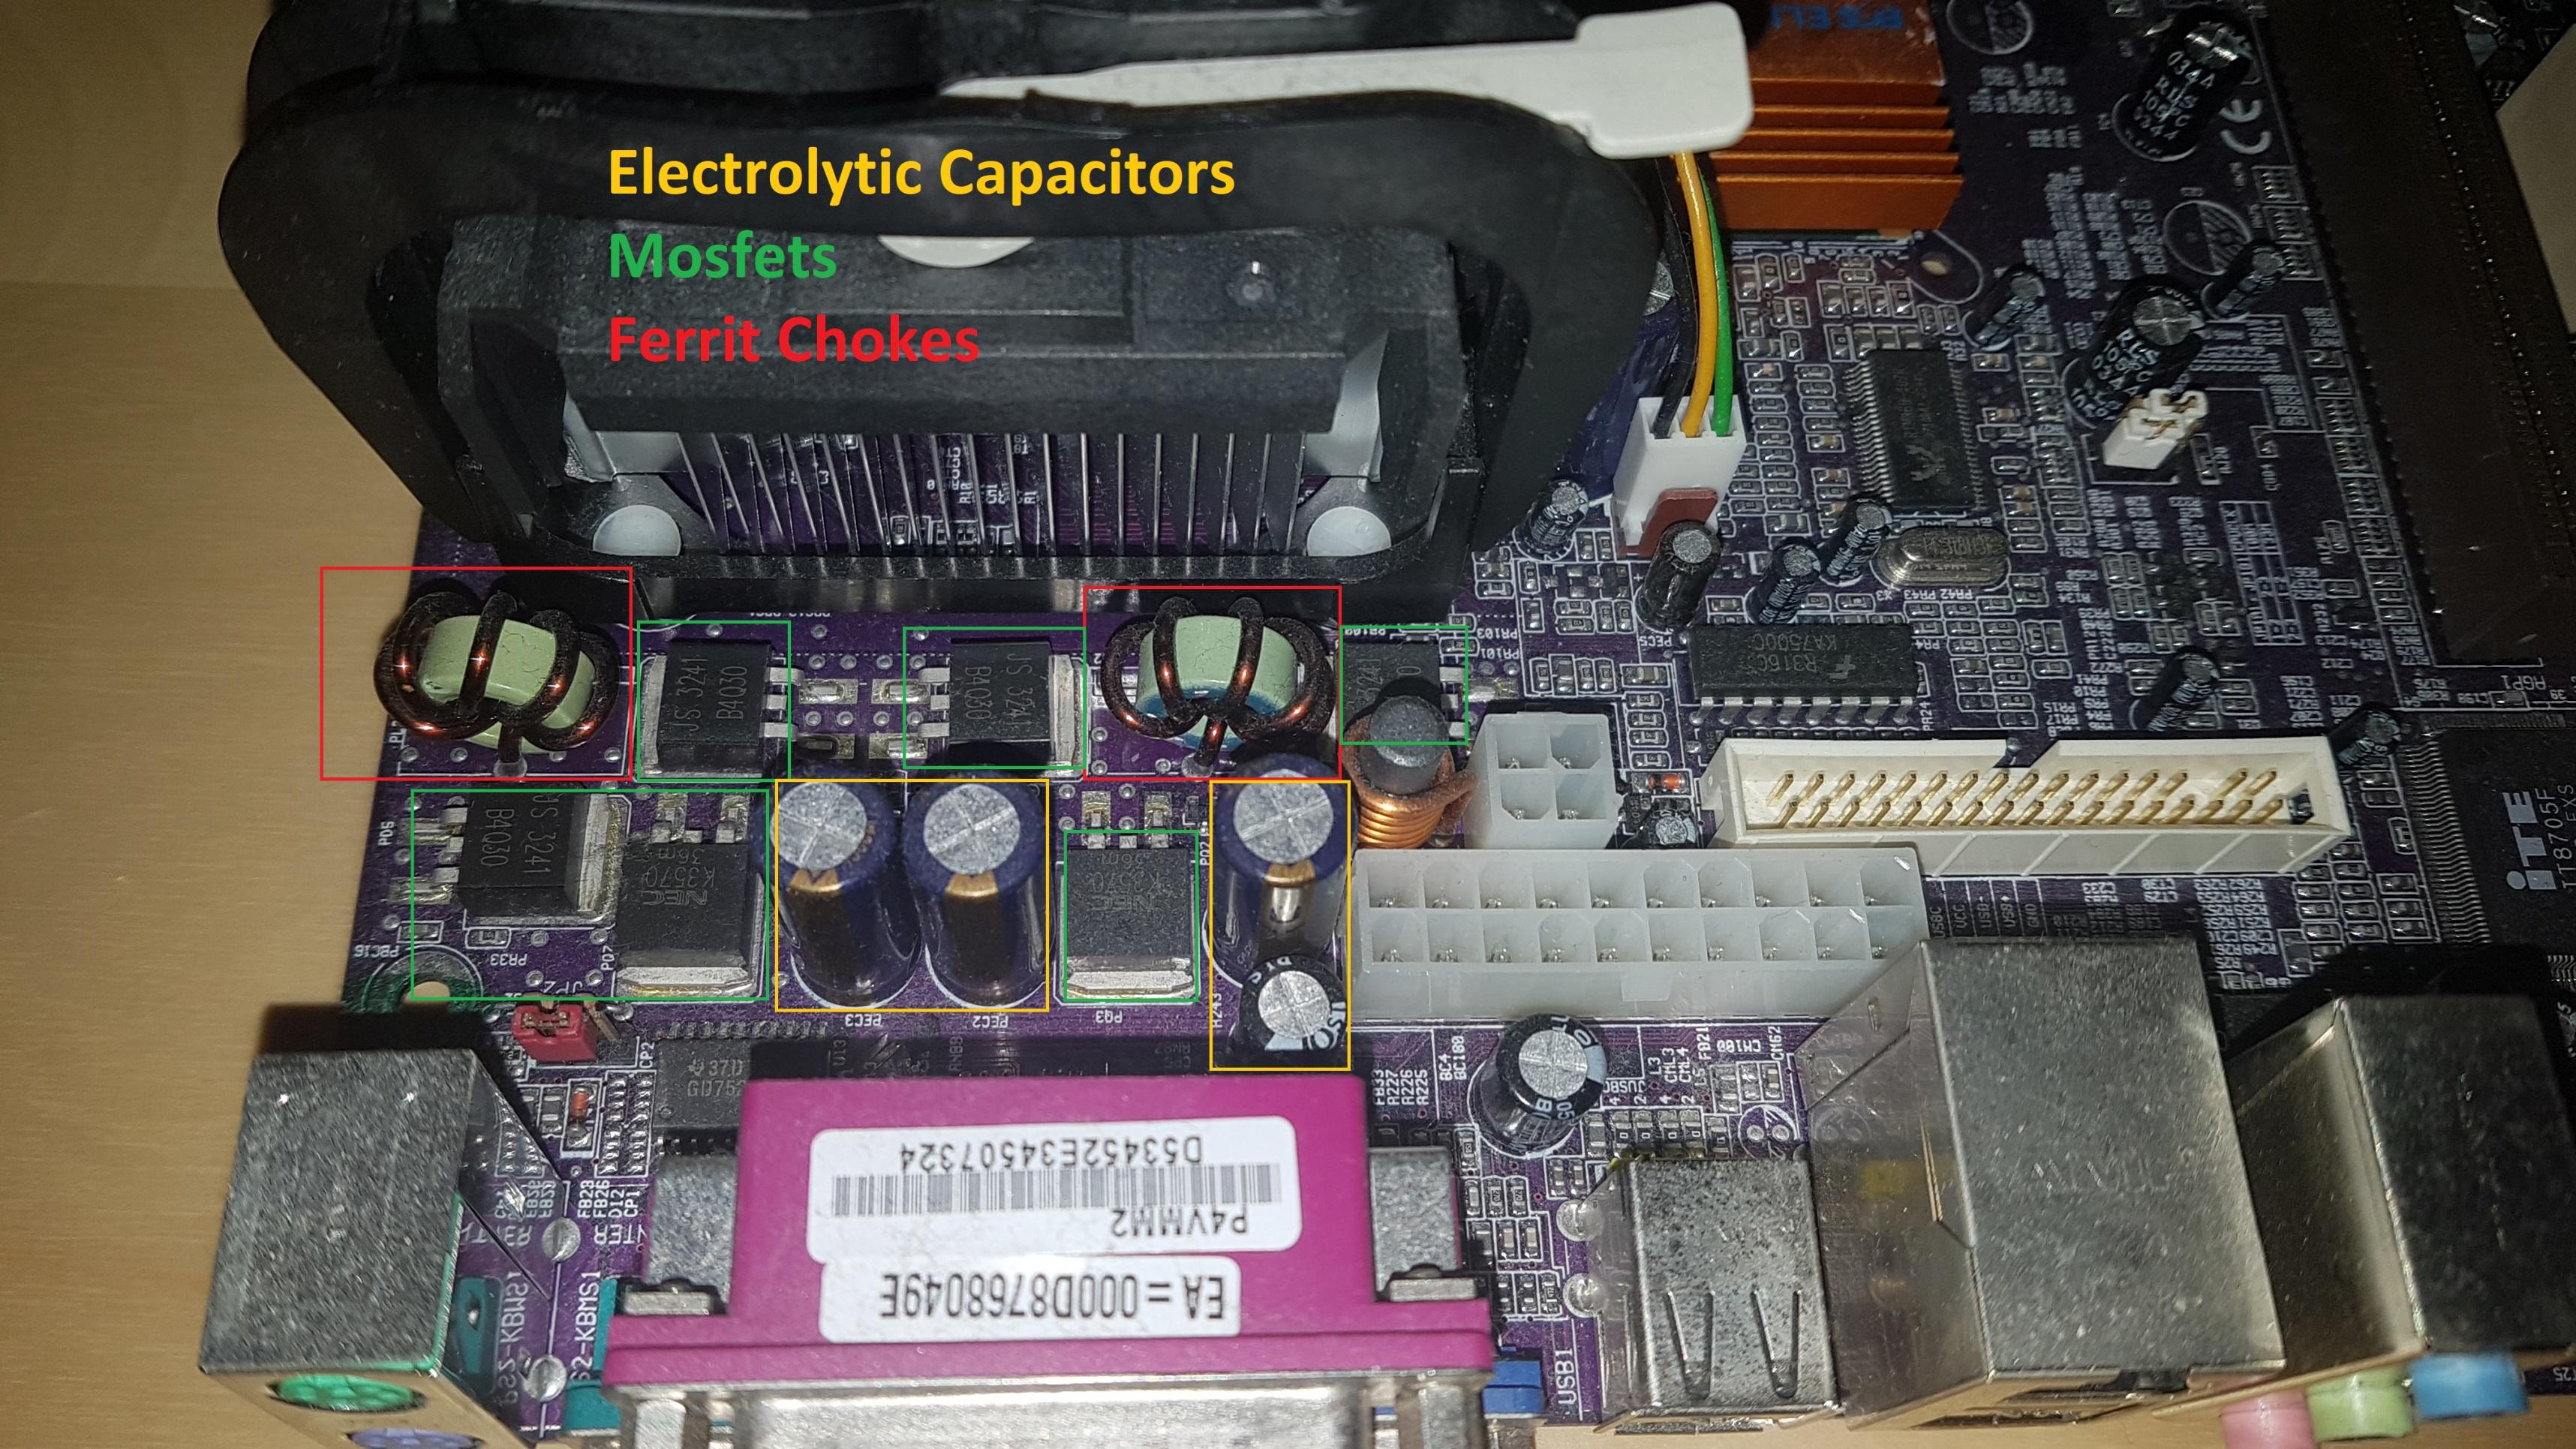 Klicken Sie auf die Grafik für eine größere Ansicht  Name:Pentium 4 Board.jpg Hits:45 Größe:2,14 MB ID:984368